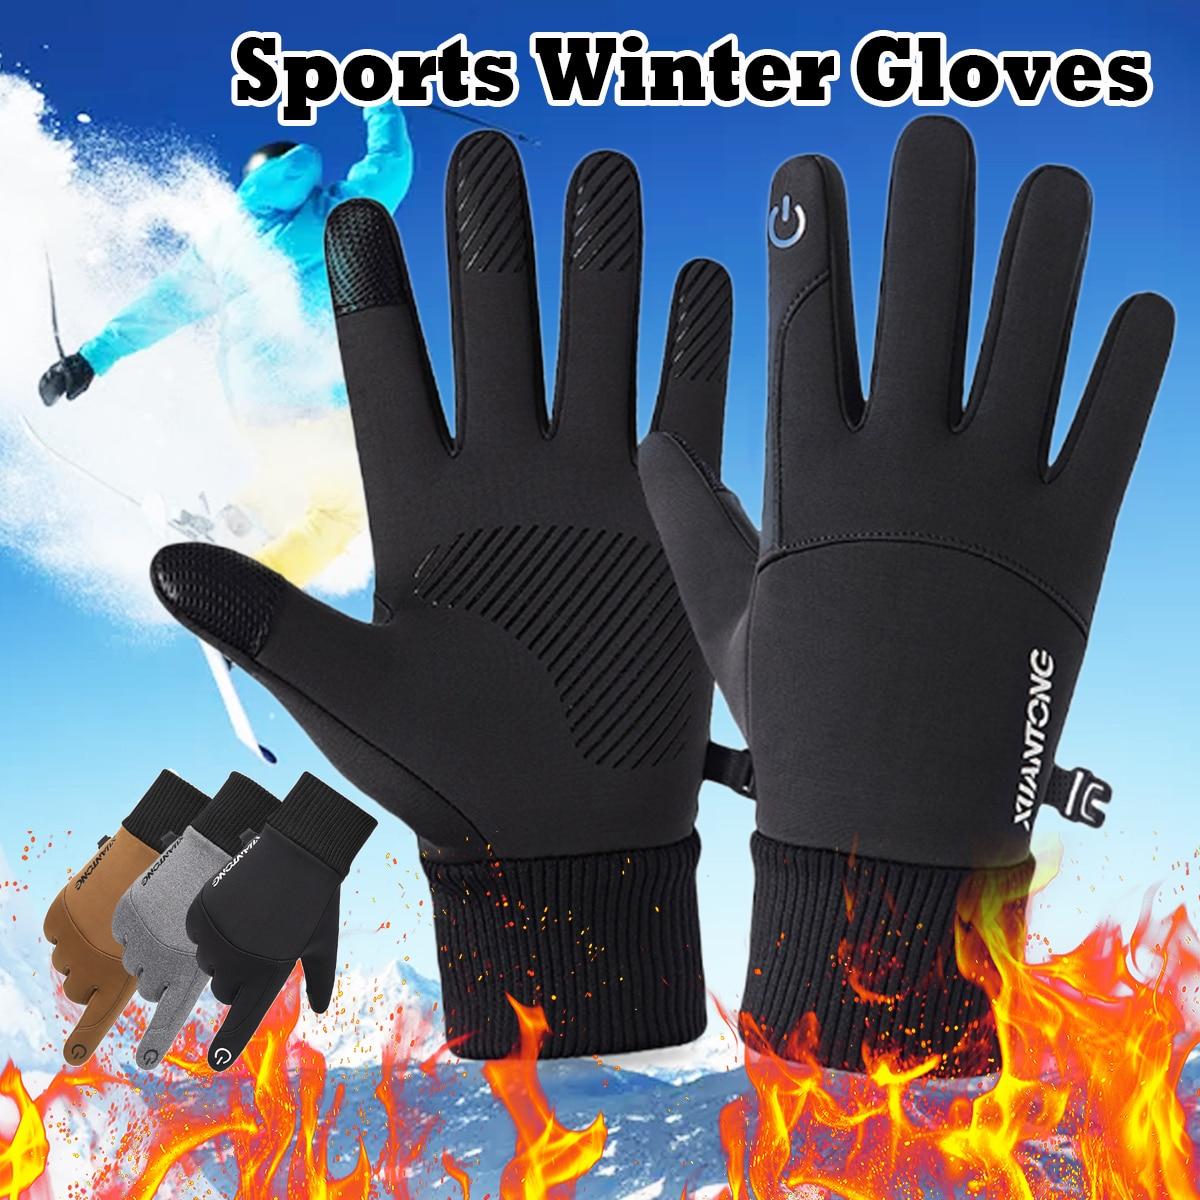 Зимние теплые лыжные перчатки для мужчин и женщин, флисовые перчатки для катания на сноуборде с сенсорным экраном, водонепроницаемые Зимние перчатки для катания на мотоцикле и лыжах